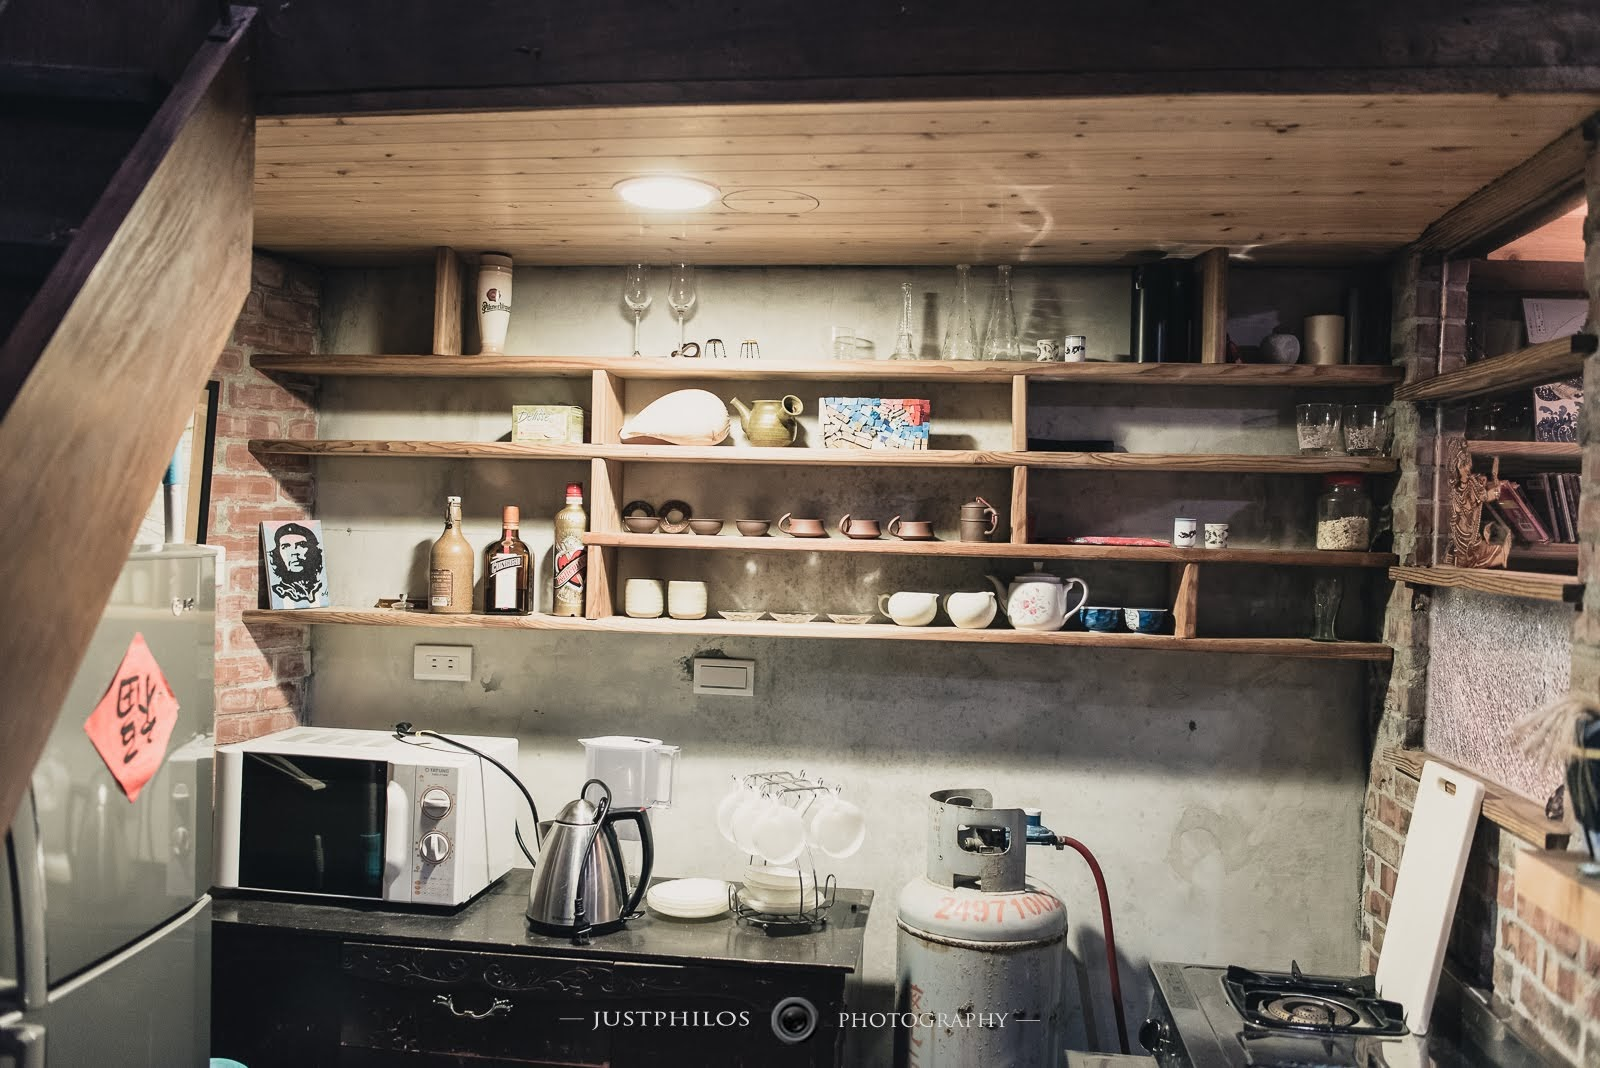 有獨立的廚房空間,包含瓦斯爐和微波爐等設備;不過因為有些鍋具感覺很久沒有使用,還是有一些衛生上的考量。